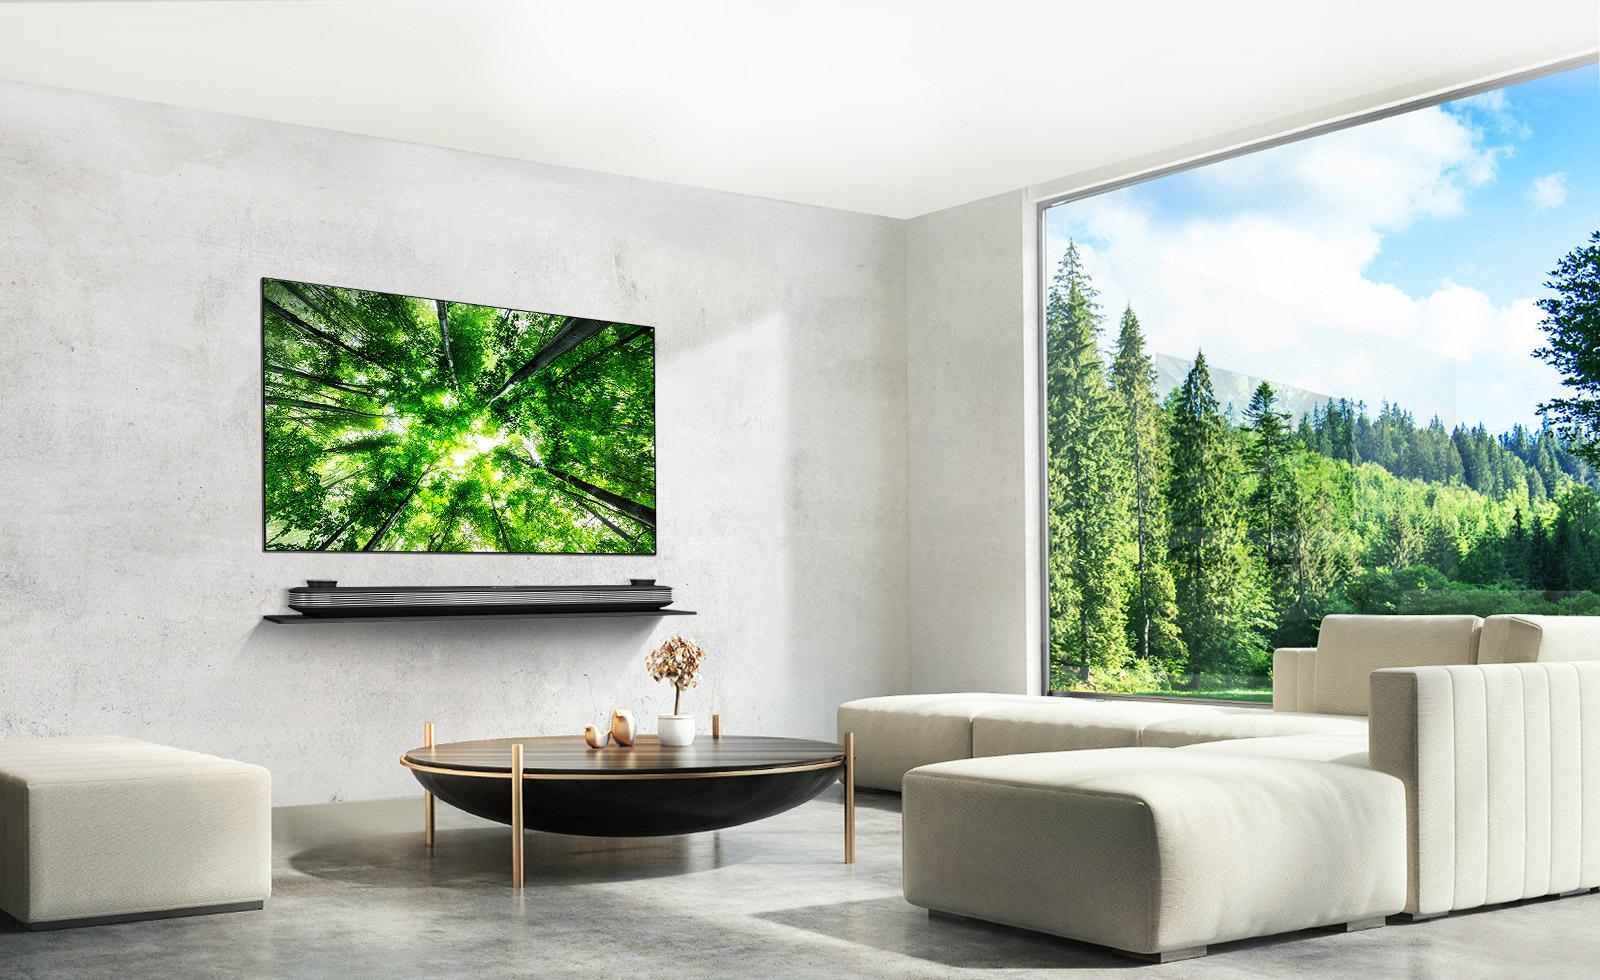 Nhiều tivi giảm giá khi các hoạt động bắt đầu trở lại bình thường - Ảnh 5.